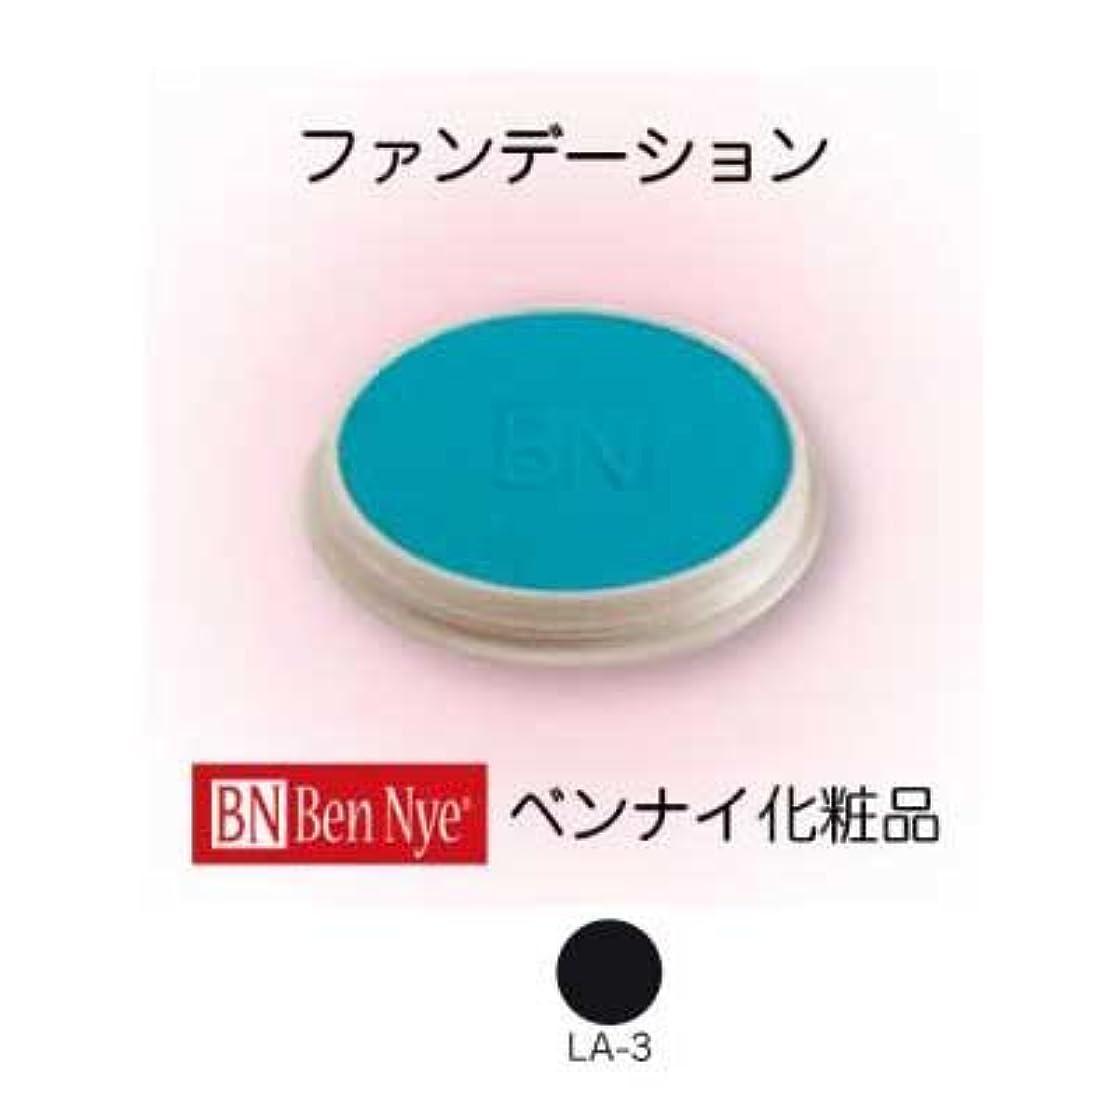 シネママーカータブレットマジケーキ LA-3【ベンナイ化粧品】